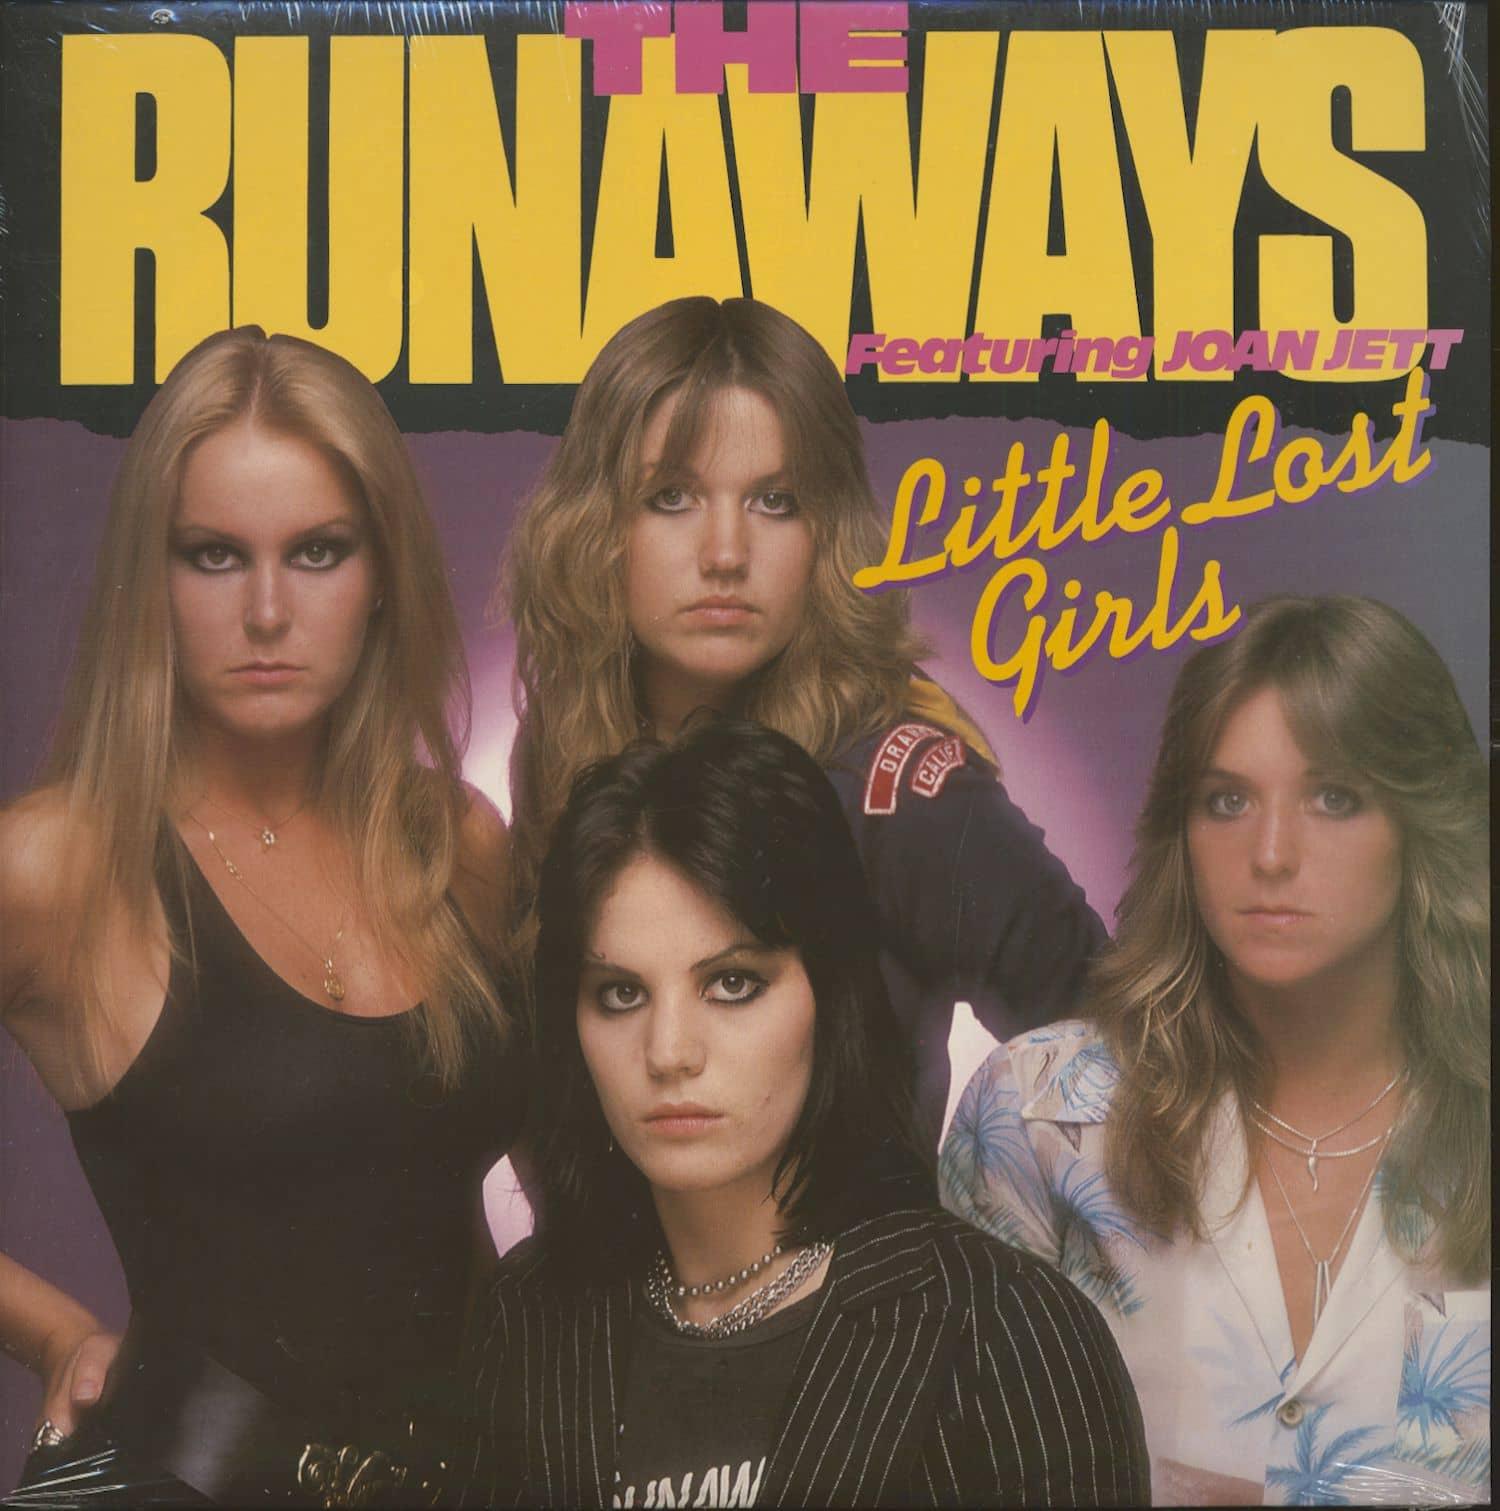 The Runaways Lp Little Lost Girls Feat Joan Jett Lp